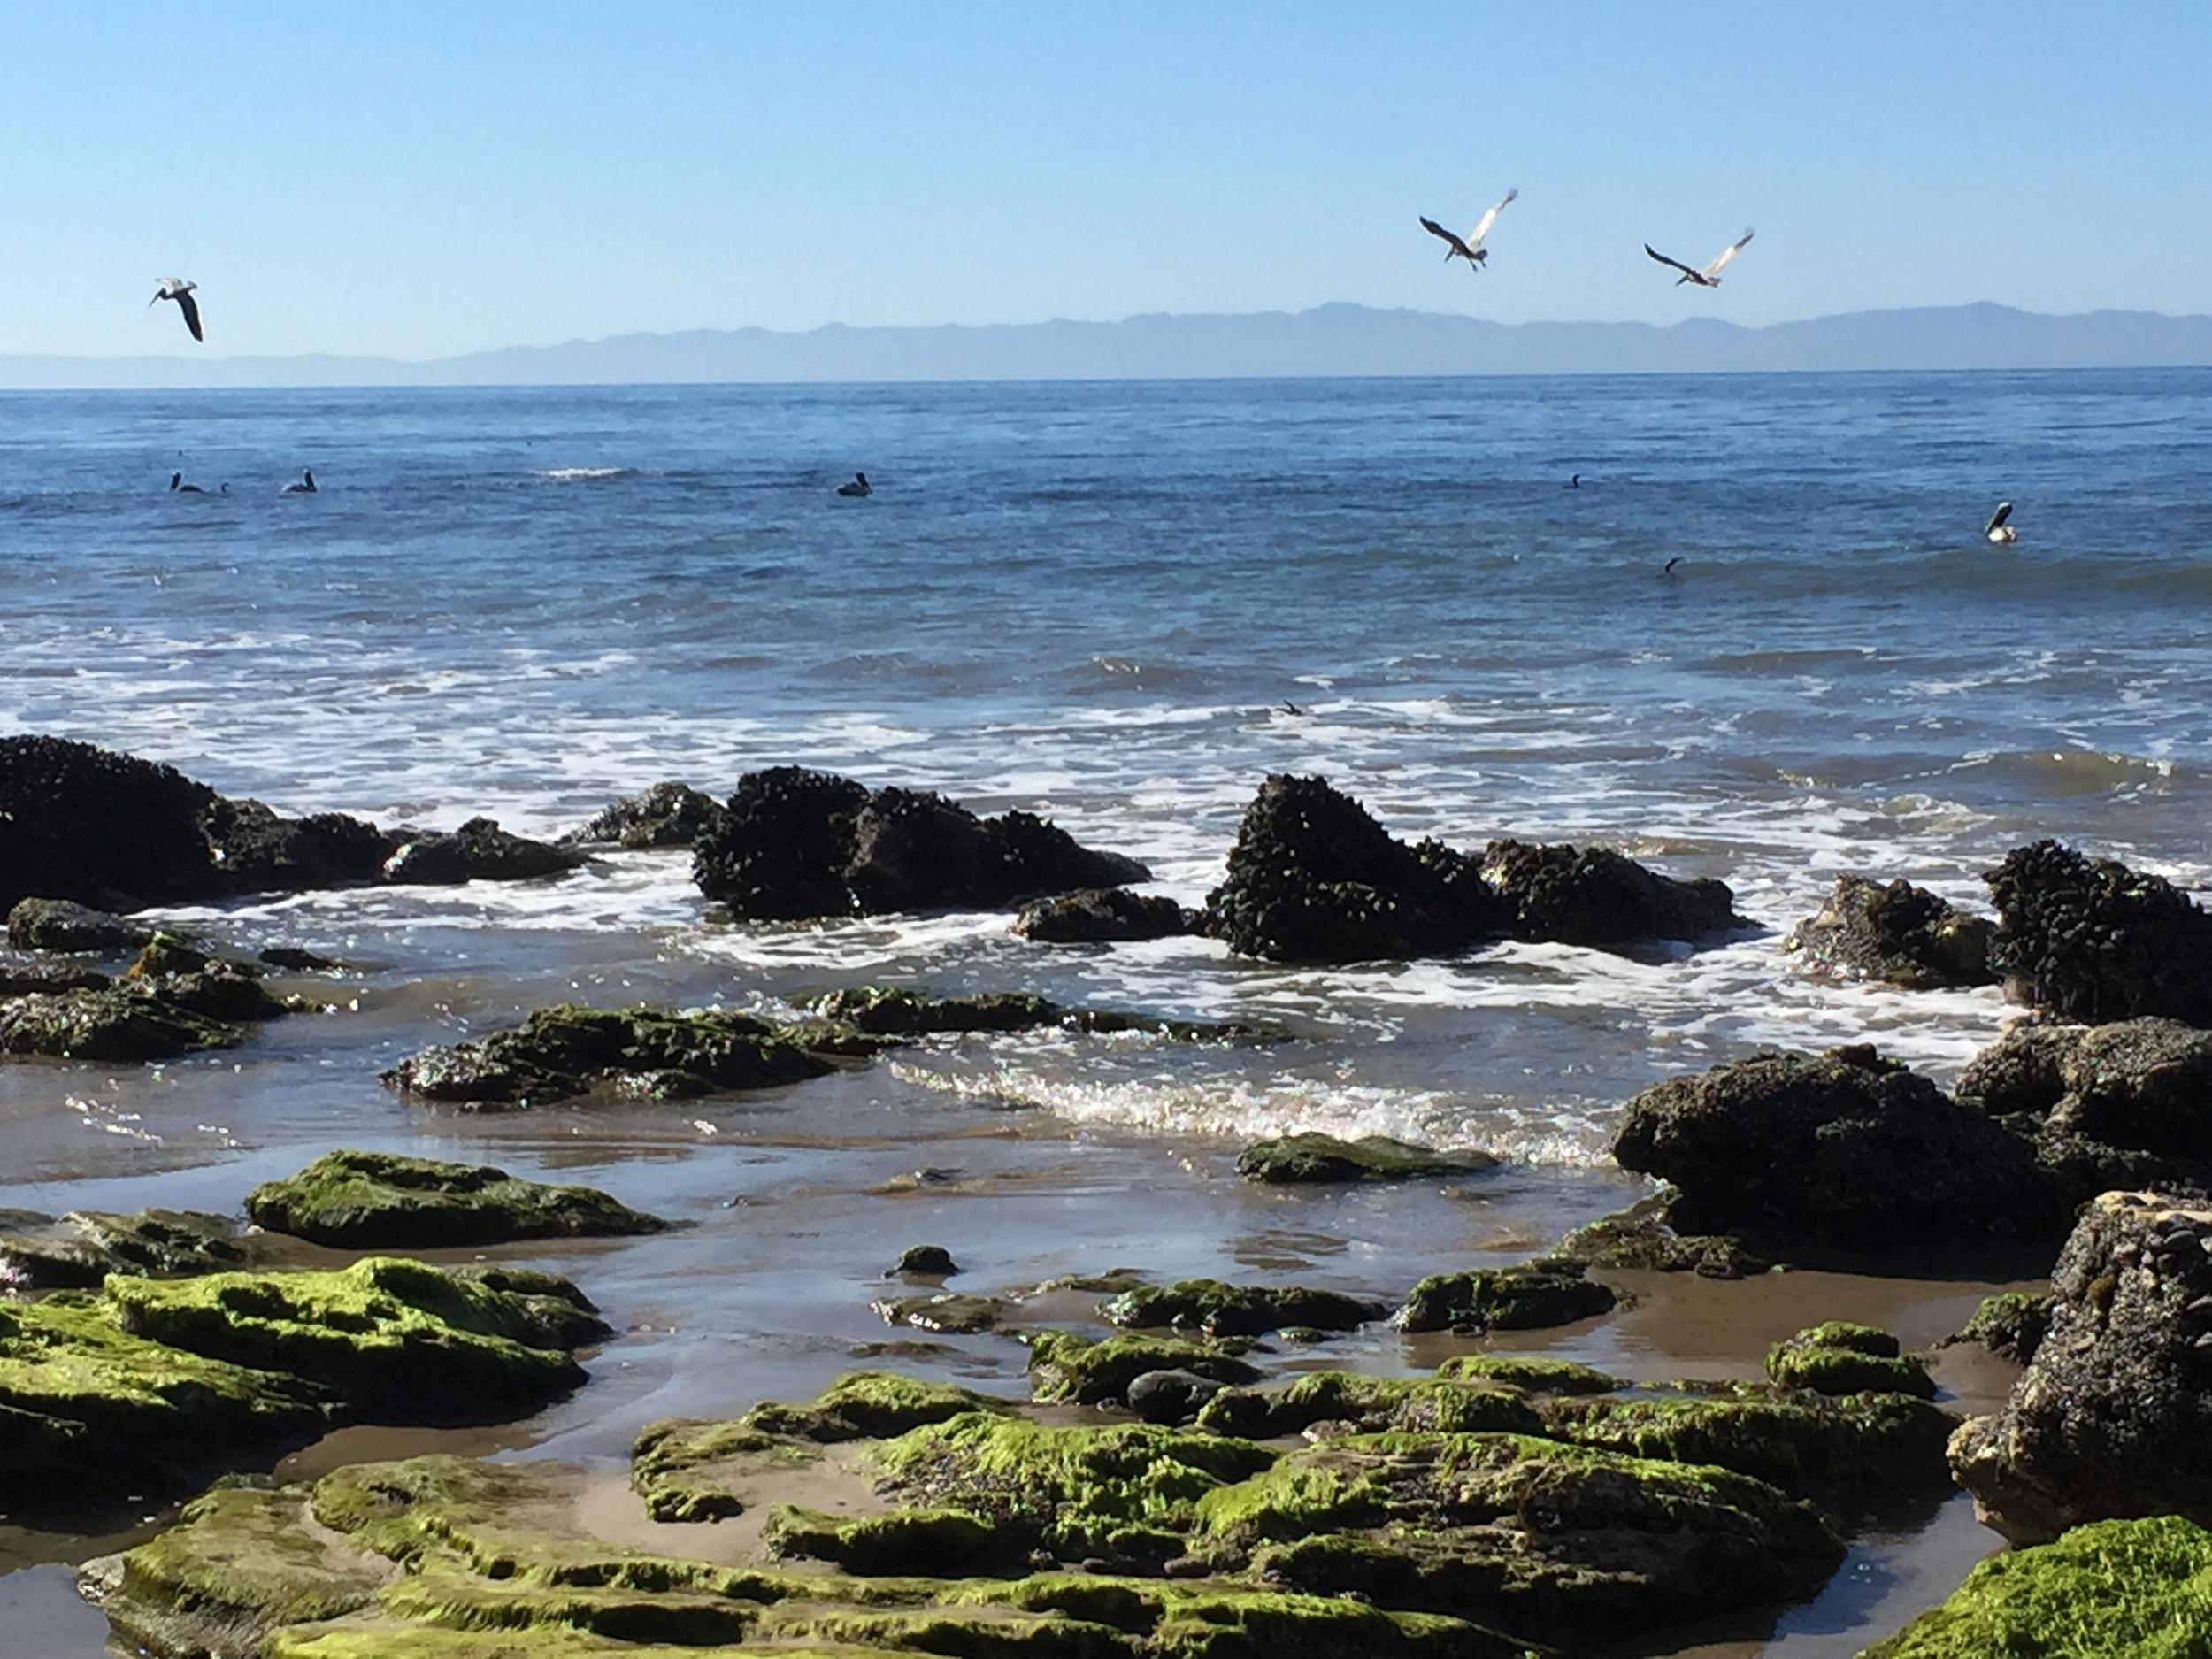 Morning at the Beach~Santa Barbara, CA